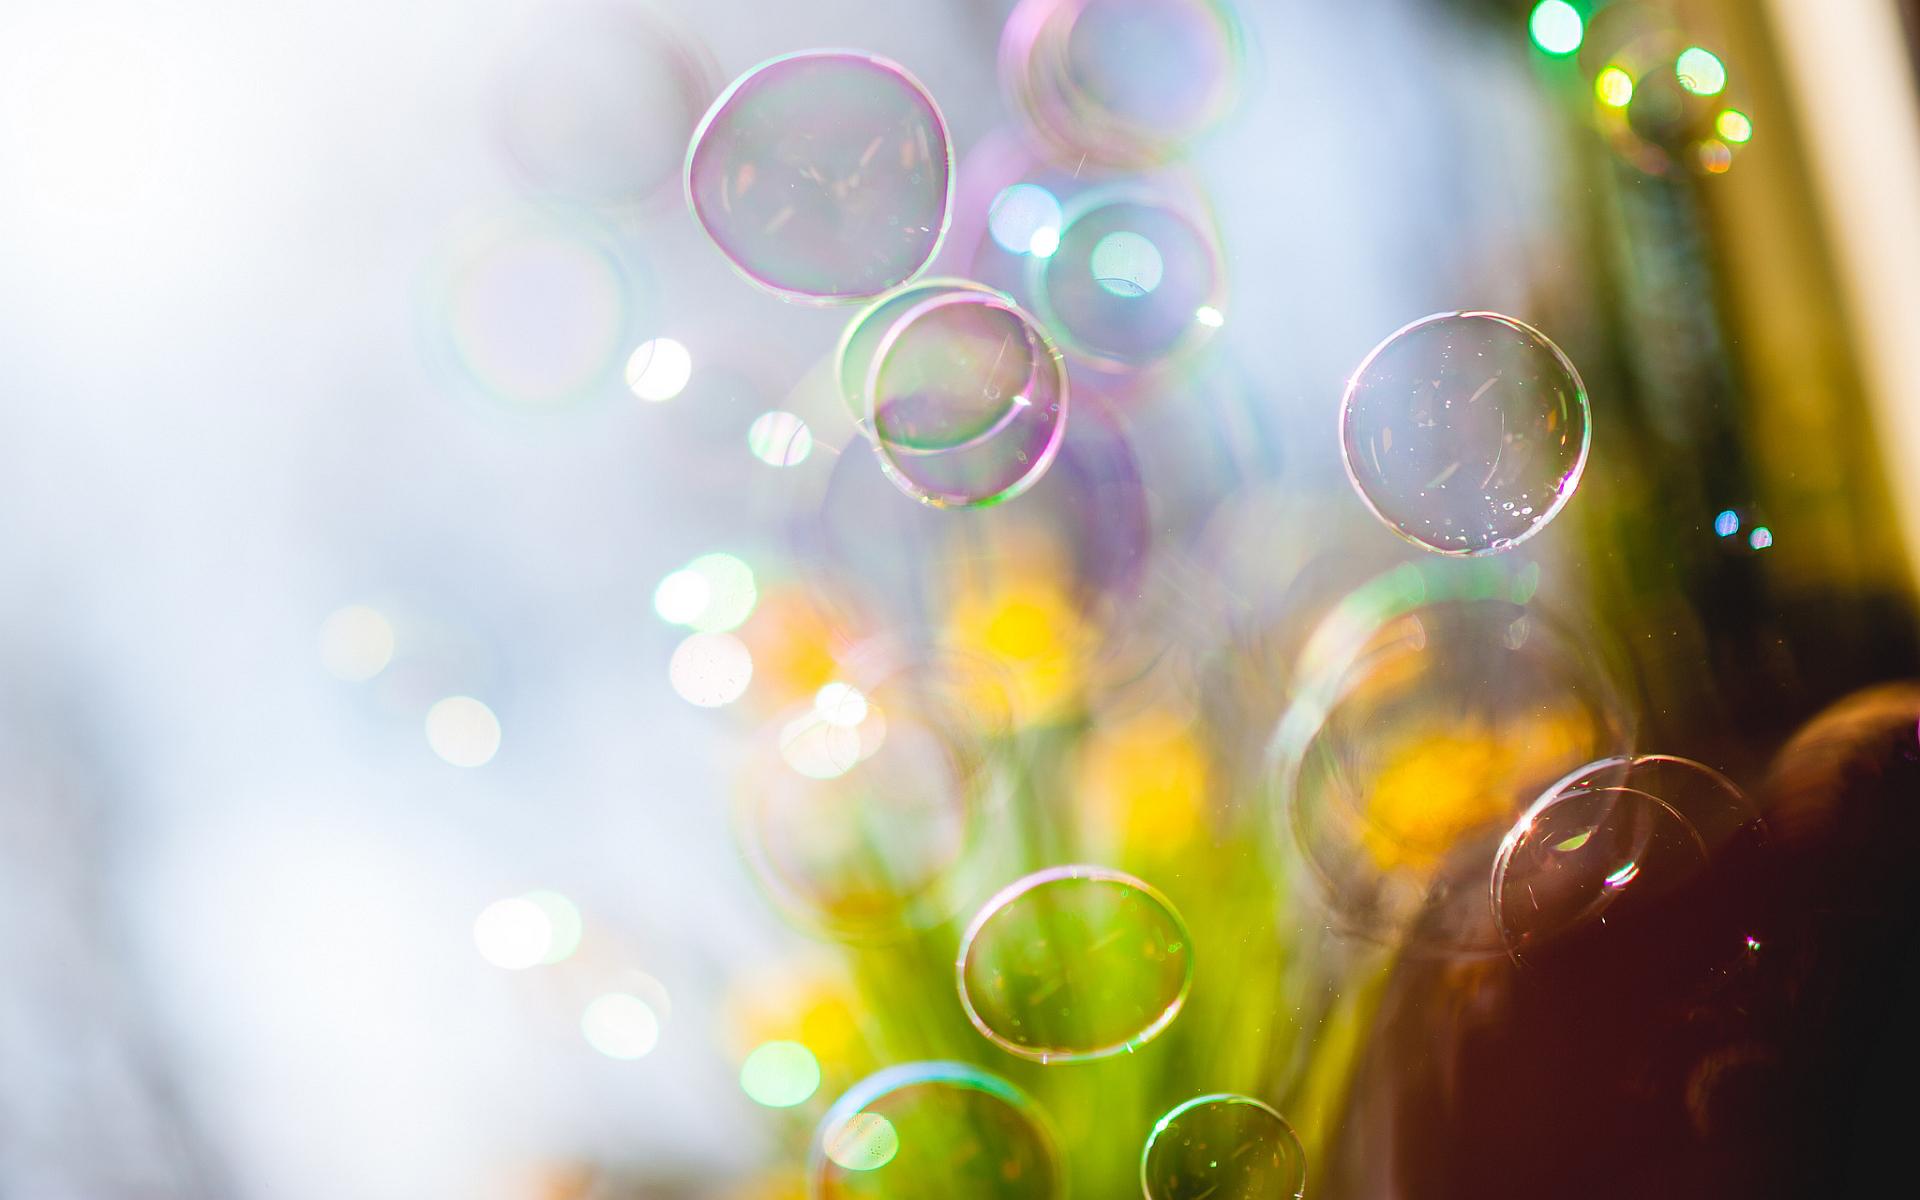 Soap bubbles sunshine